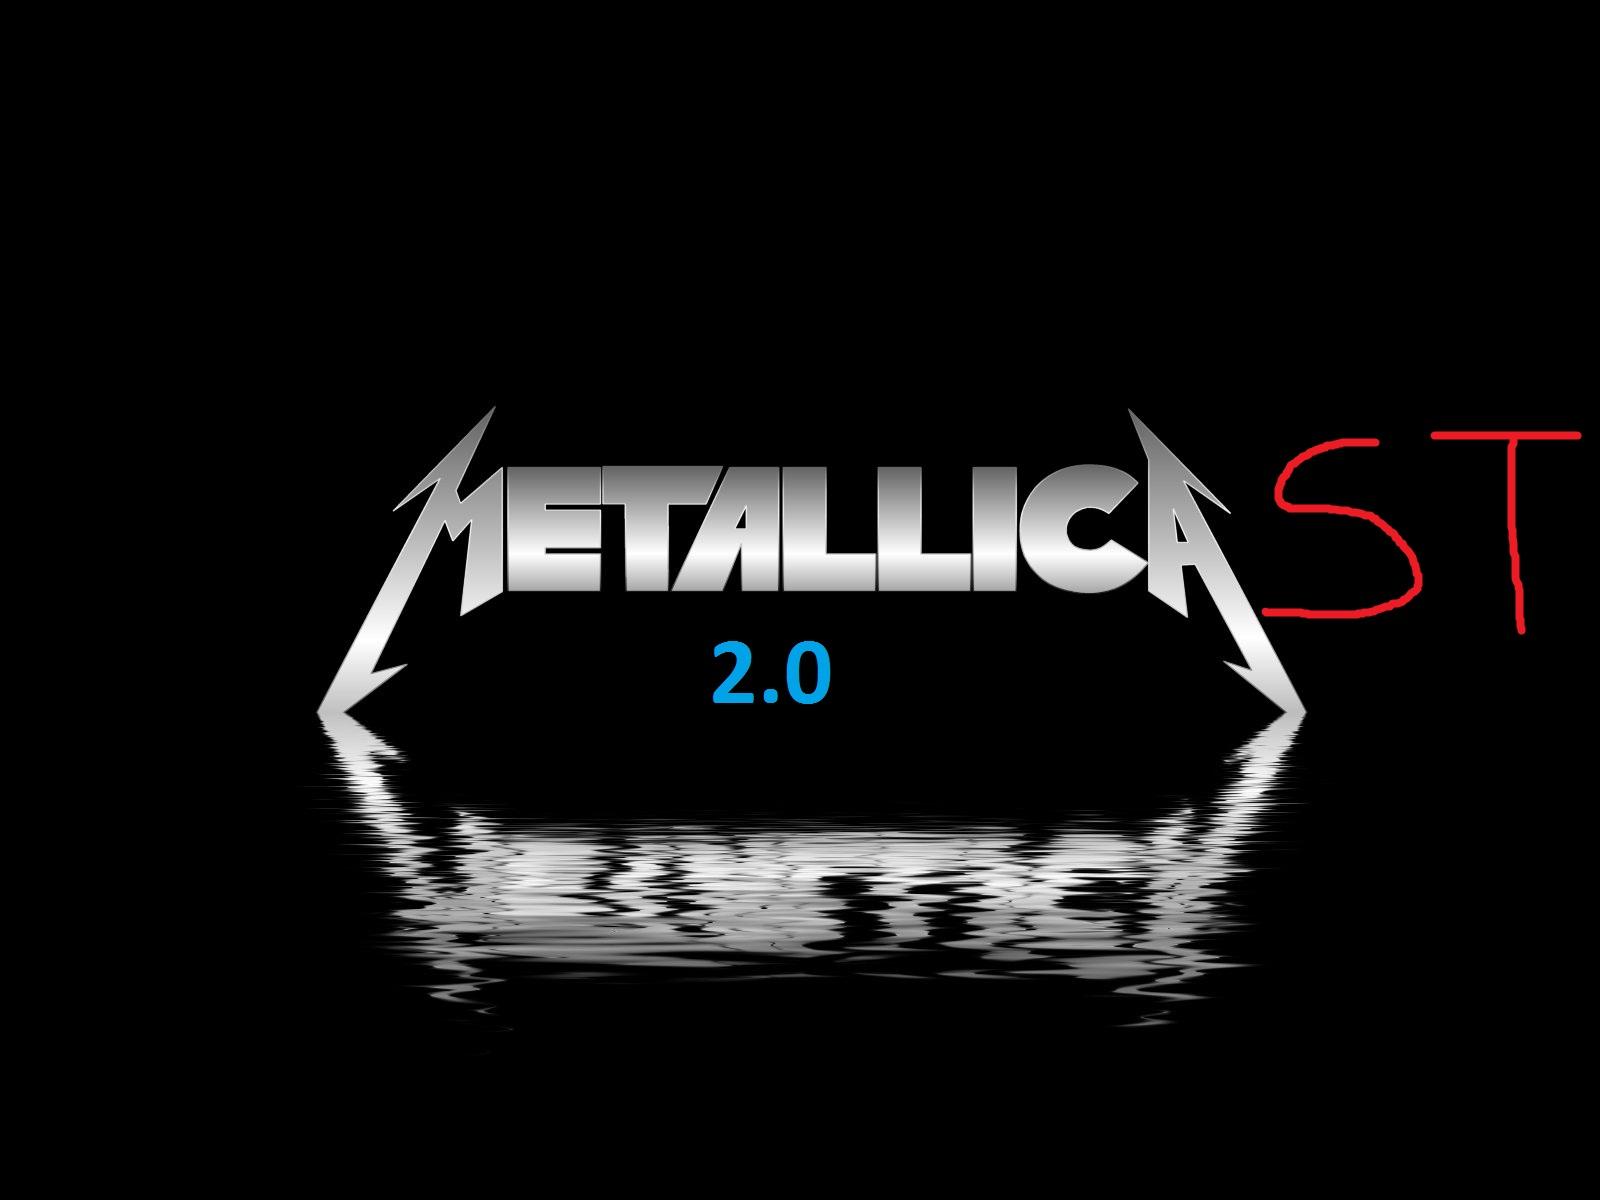 metallicast 2.0 a 20h sur elive